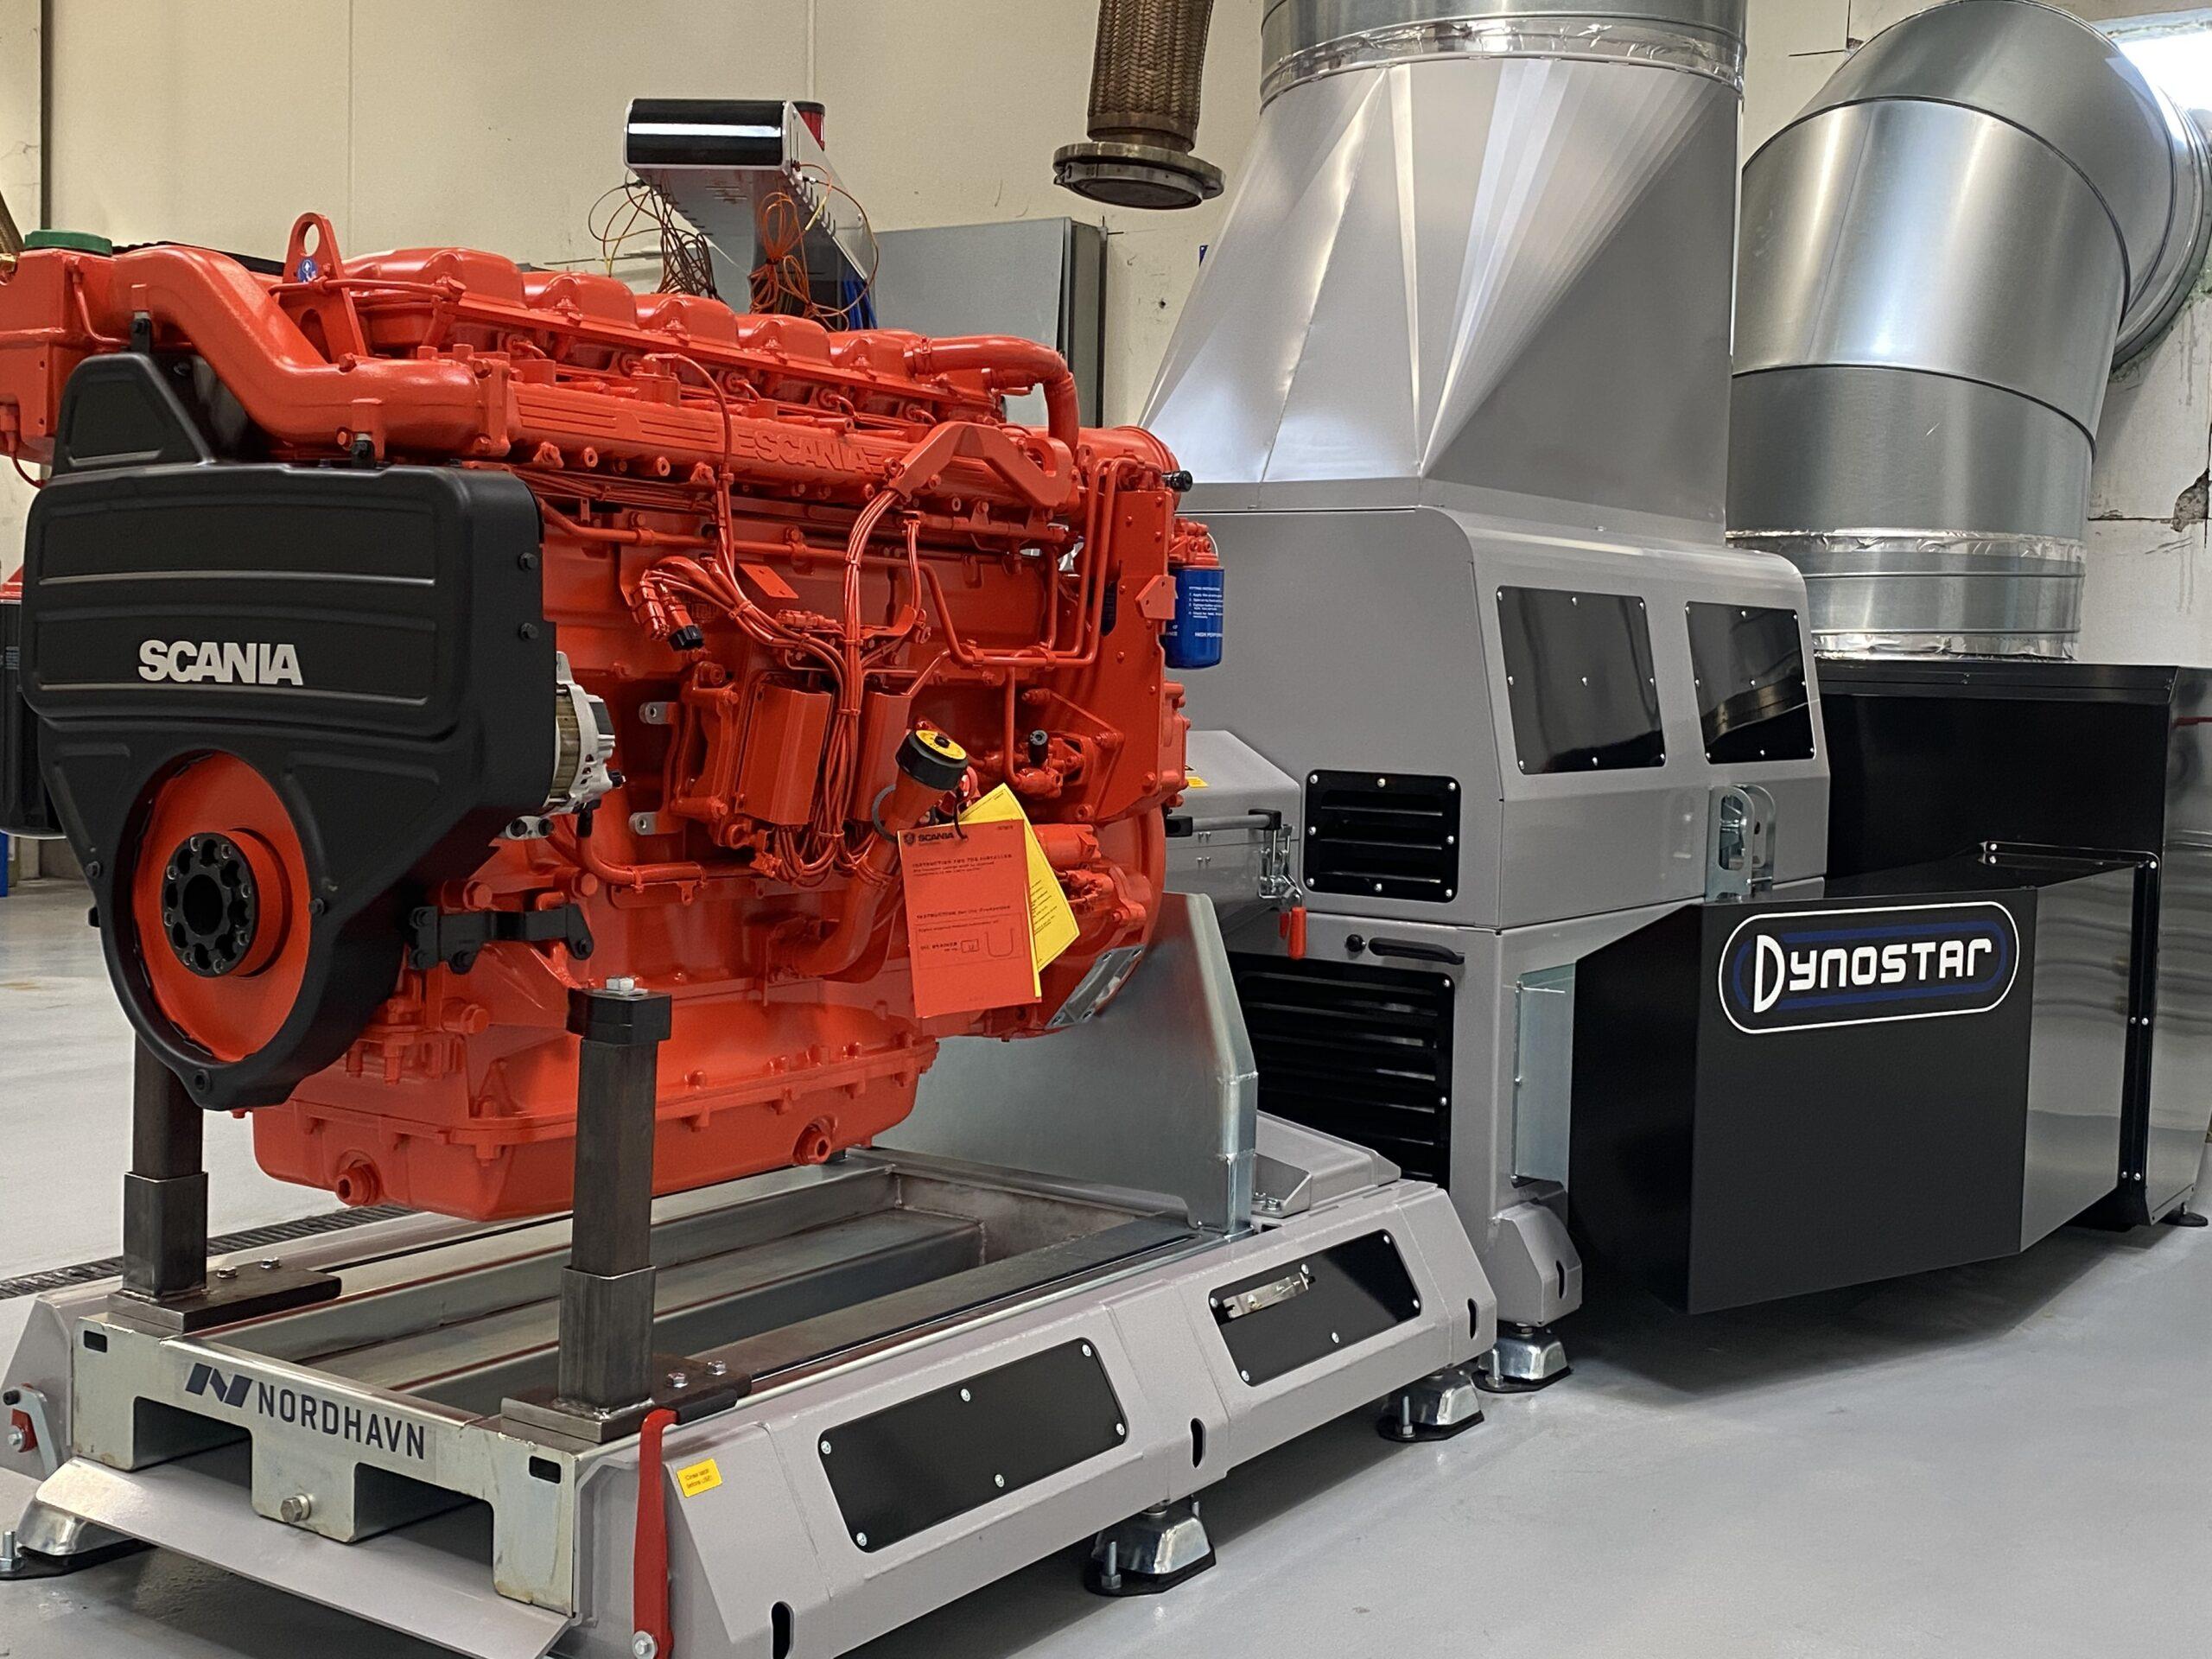 Test center - Engine